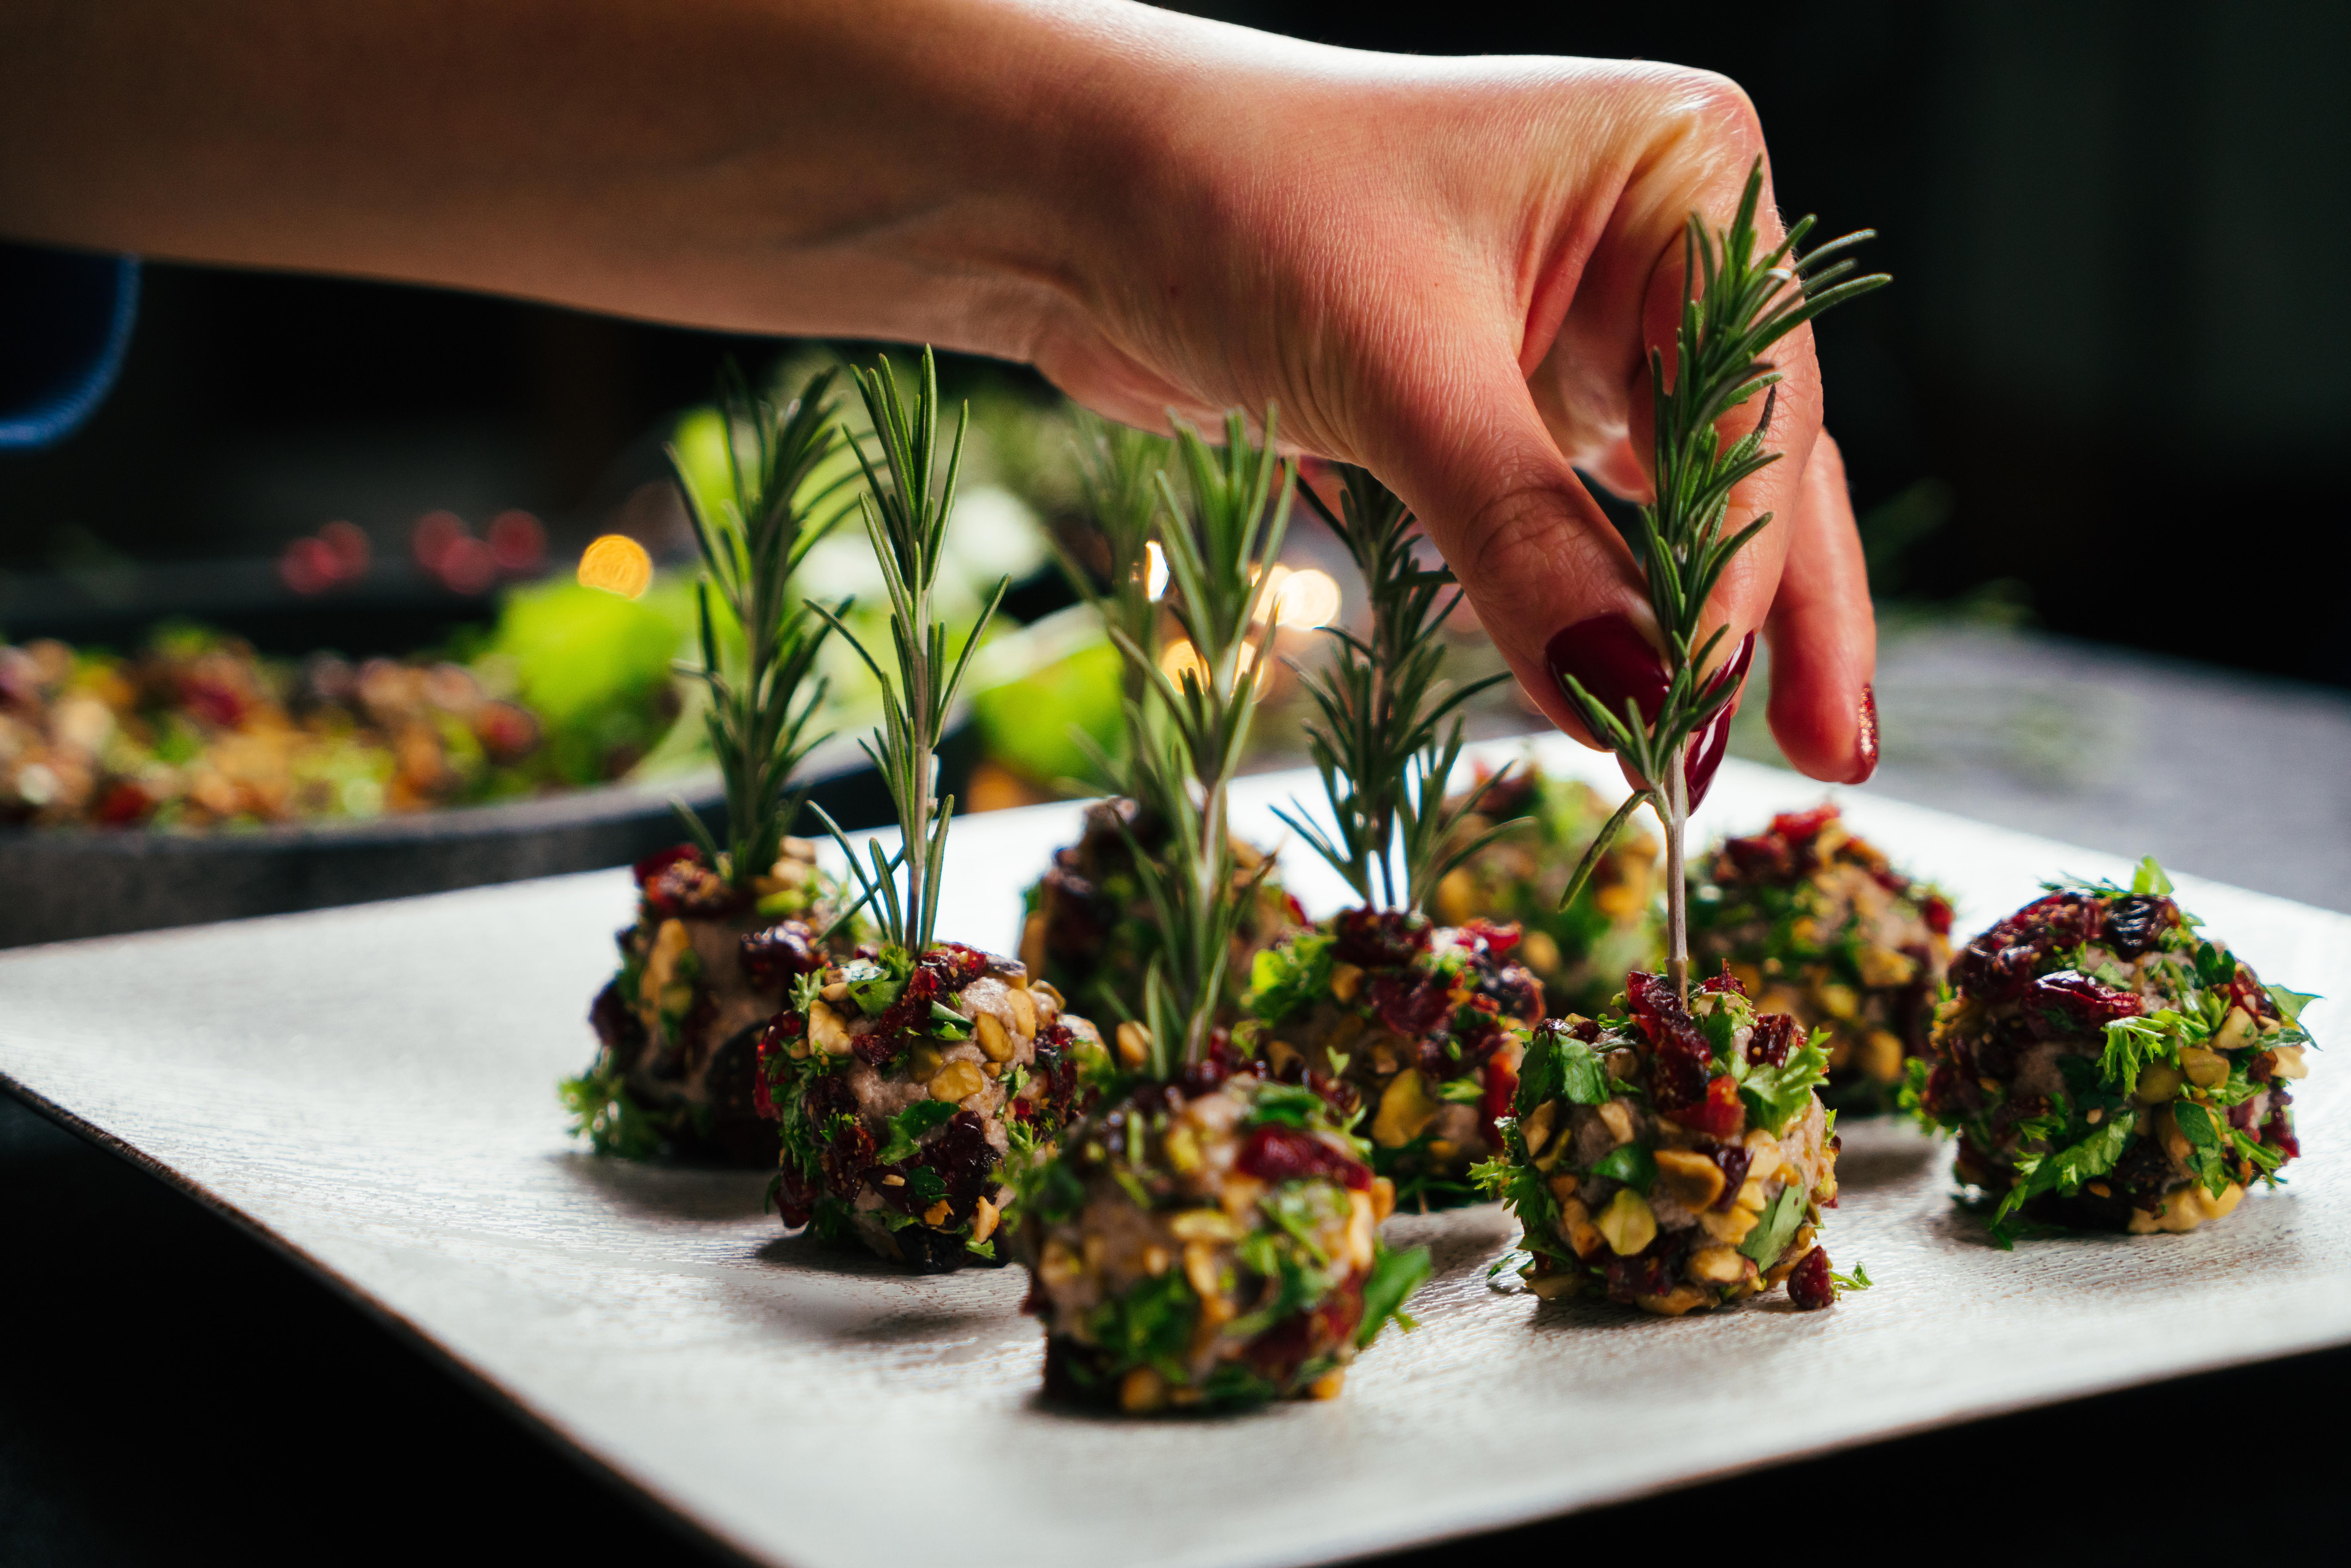 ideas de tapas y aperitivos para Navidad y Nochevieja, ideas de recetas caseras fáciles y rápidas para toda la familia